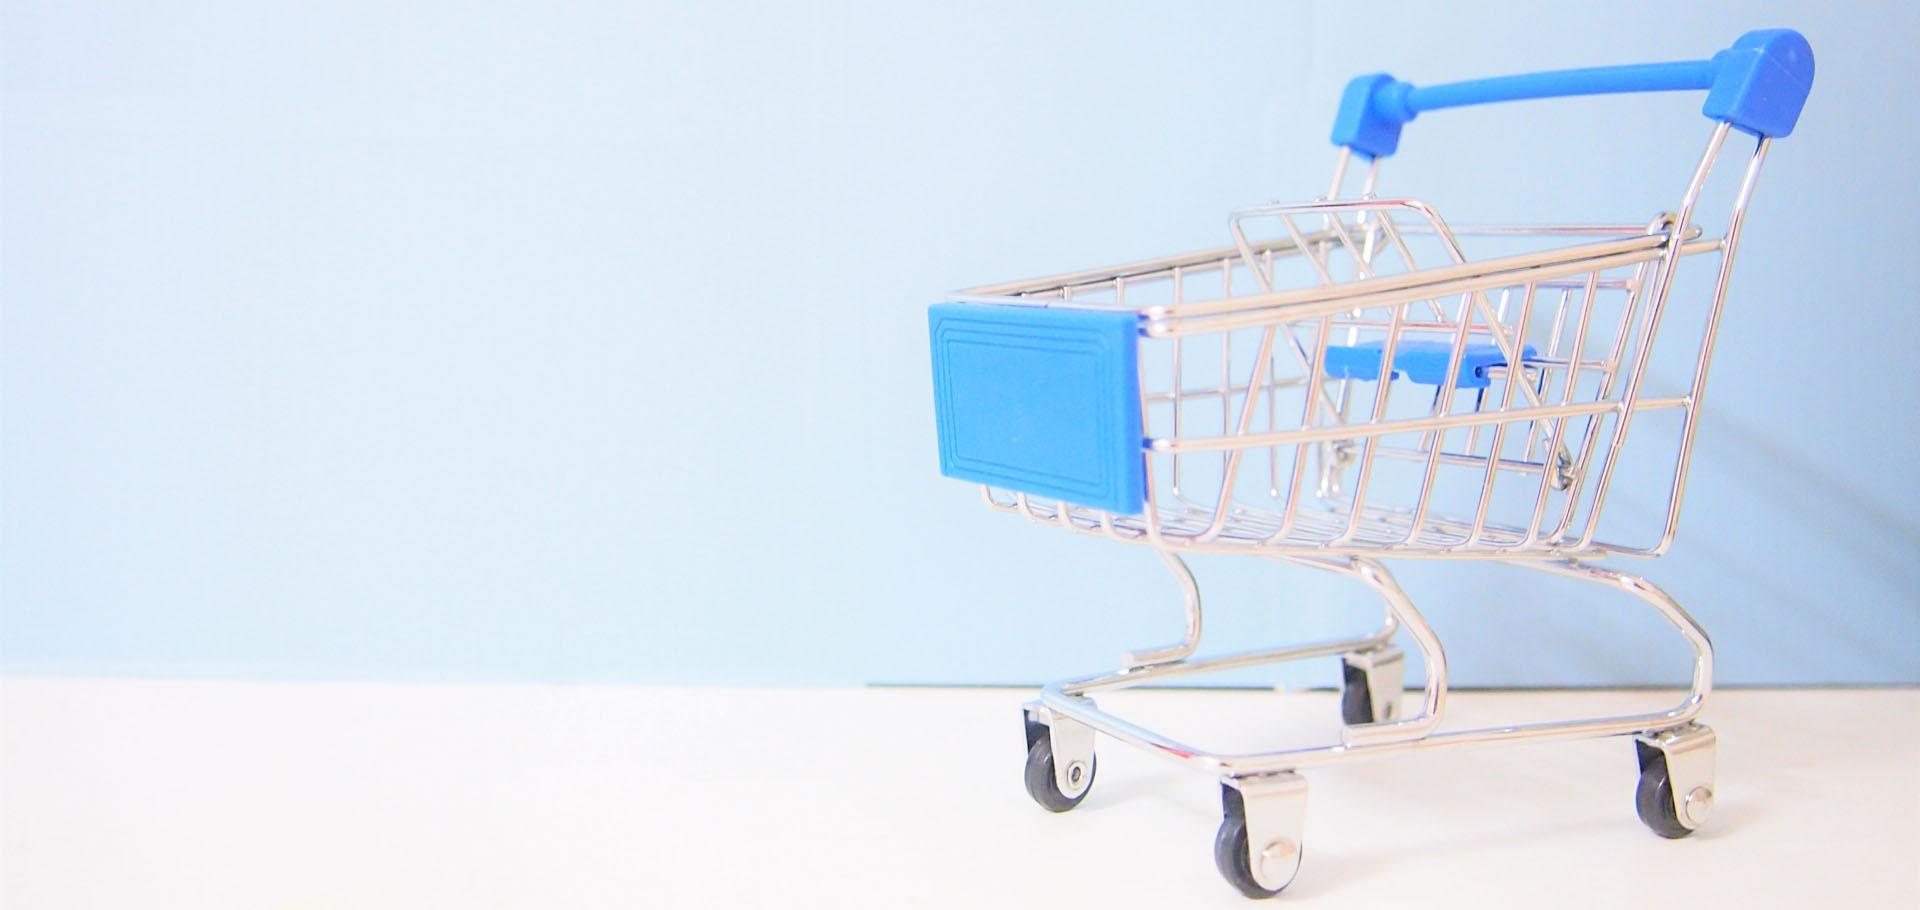 賢く買い物!ネット通販マニュアル-メイン画像